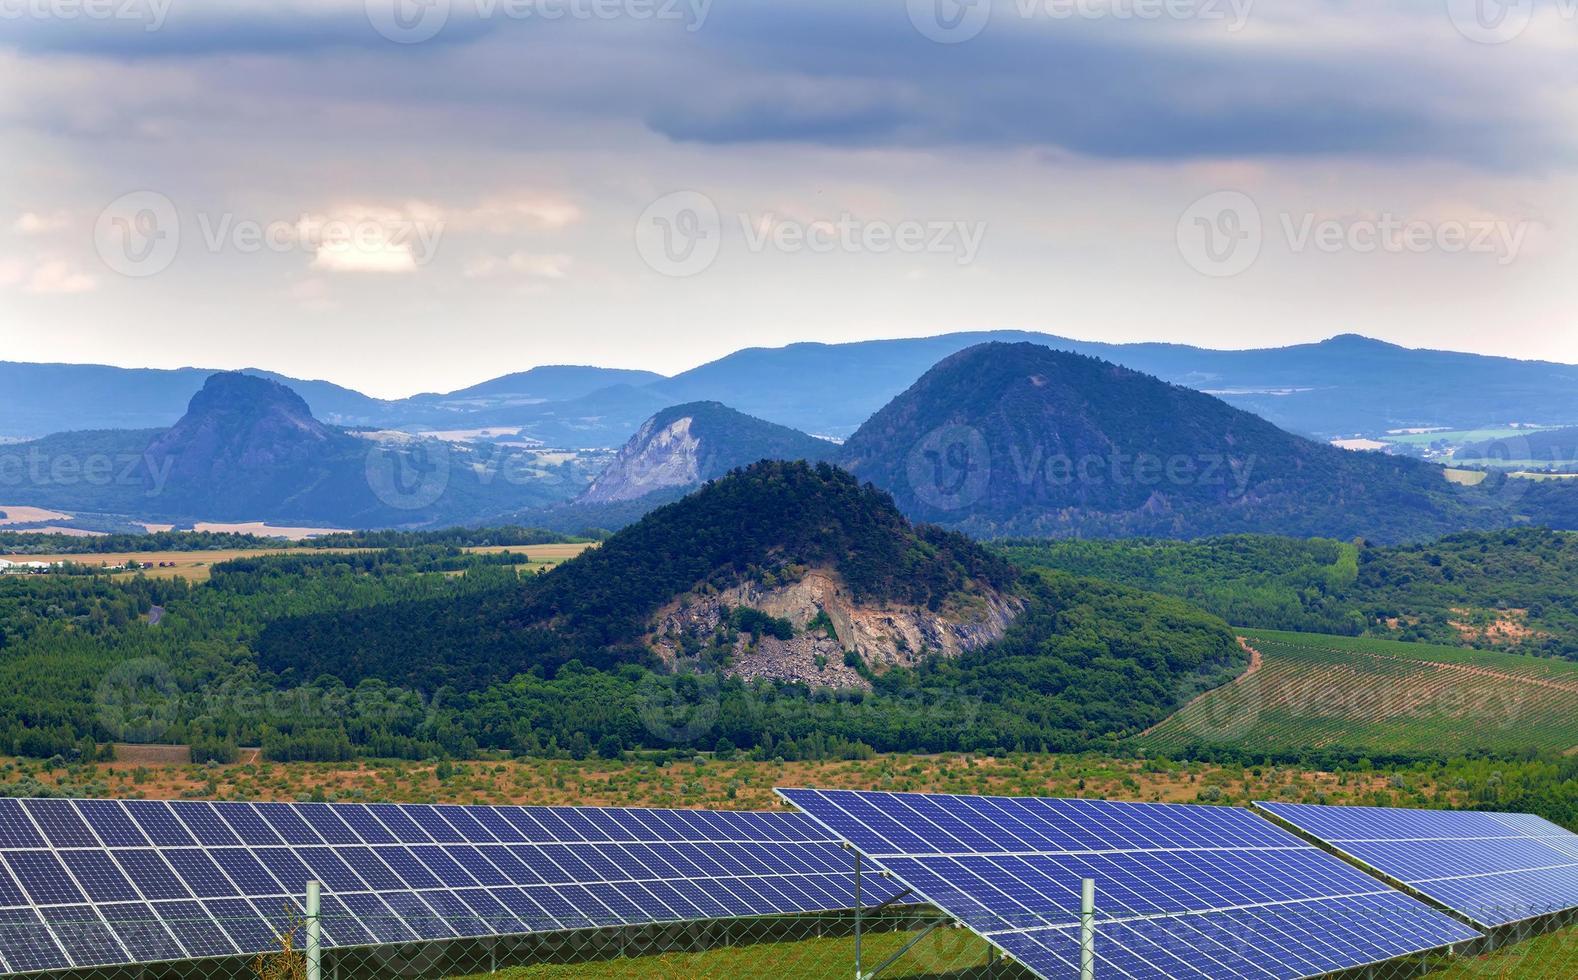 paesaggio con pannelli solari foto